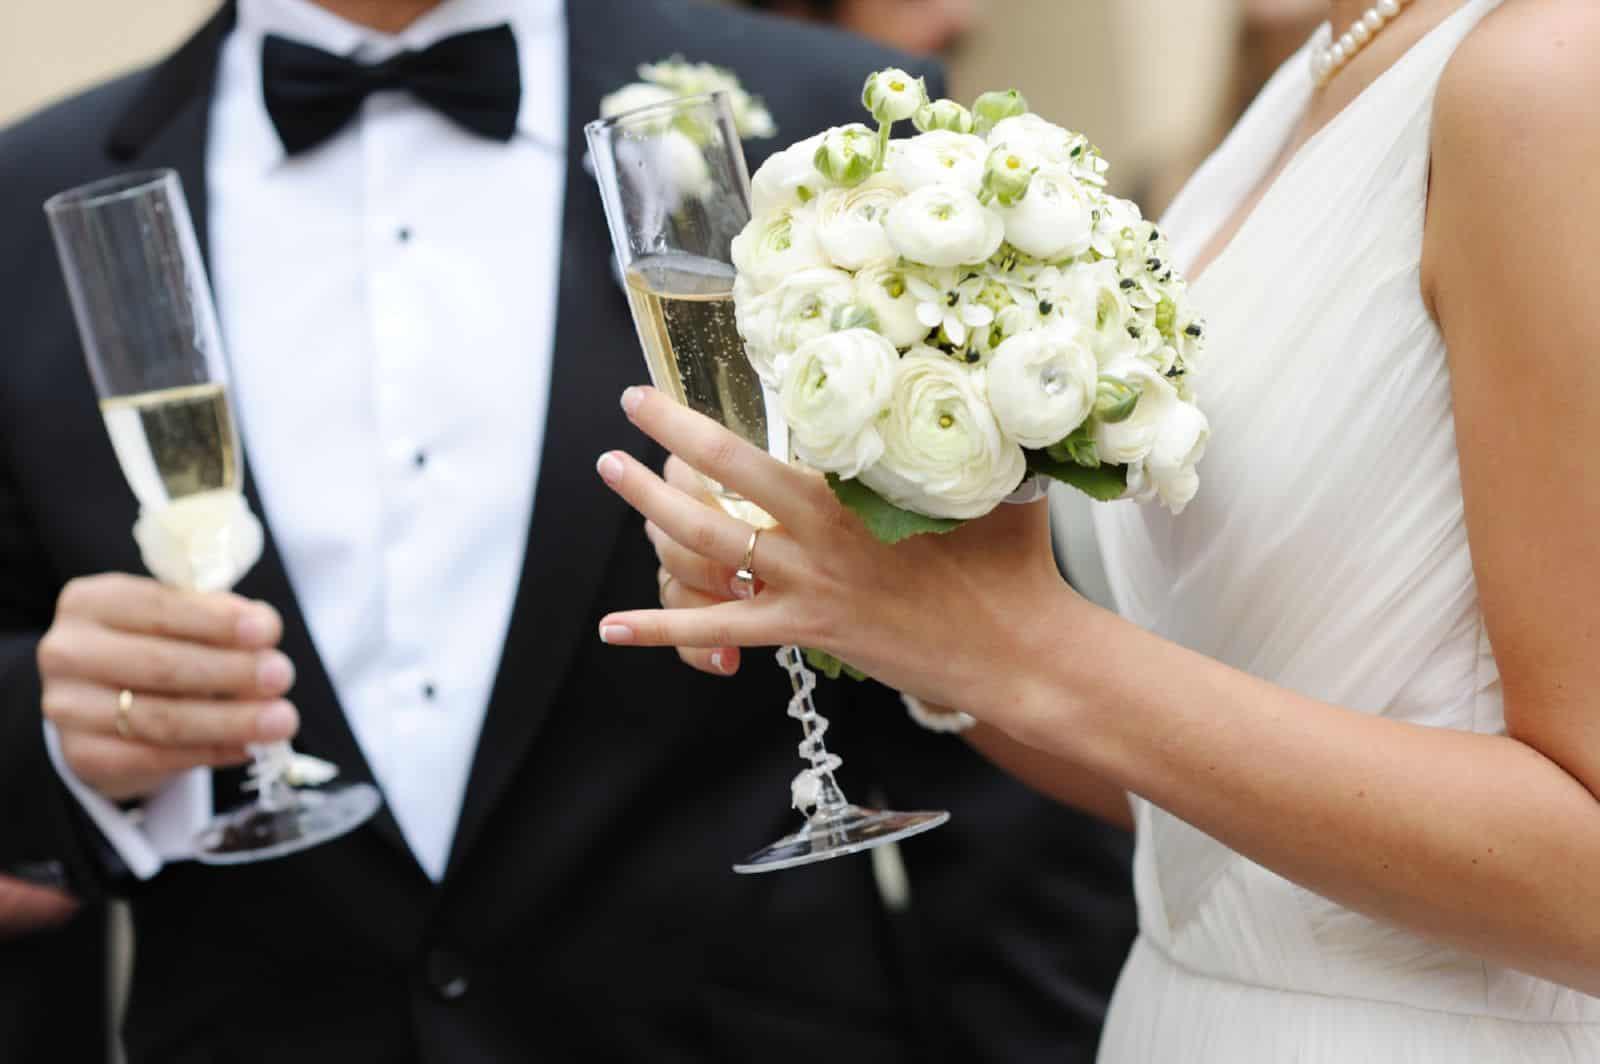 3 дня на бракосочетание. когда положен и как оформляется отпуск на свадьбу по трудовому кодексу